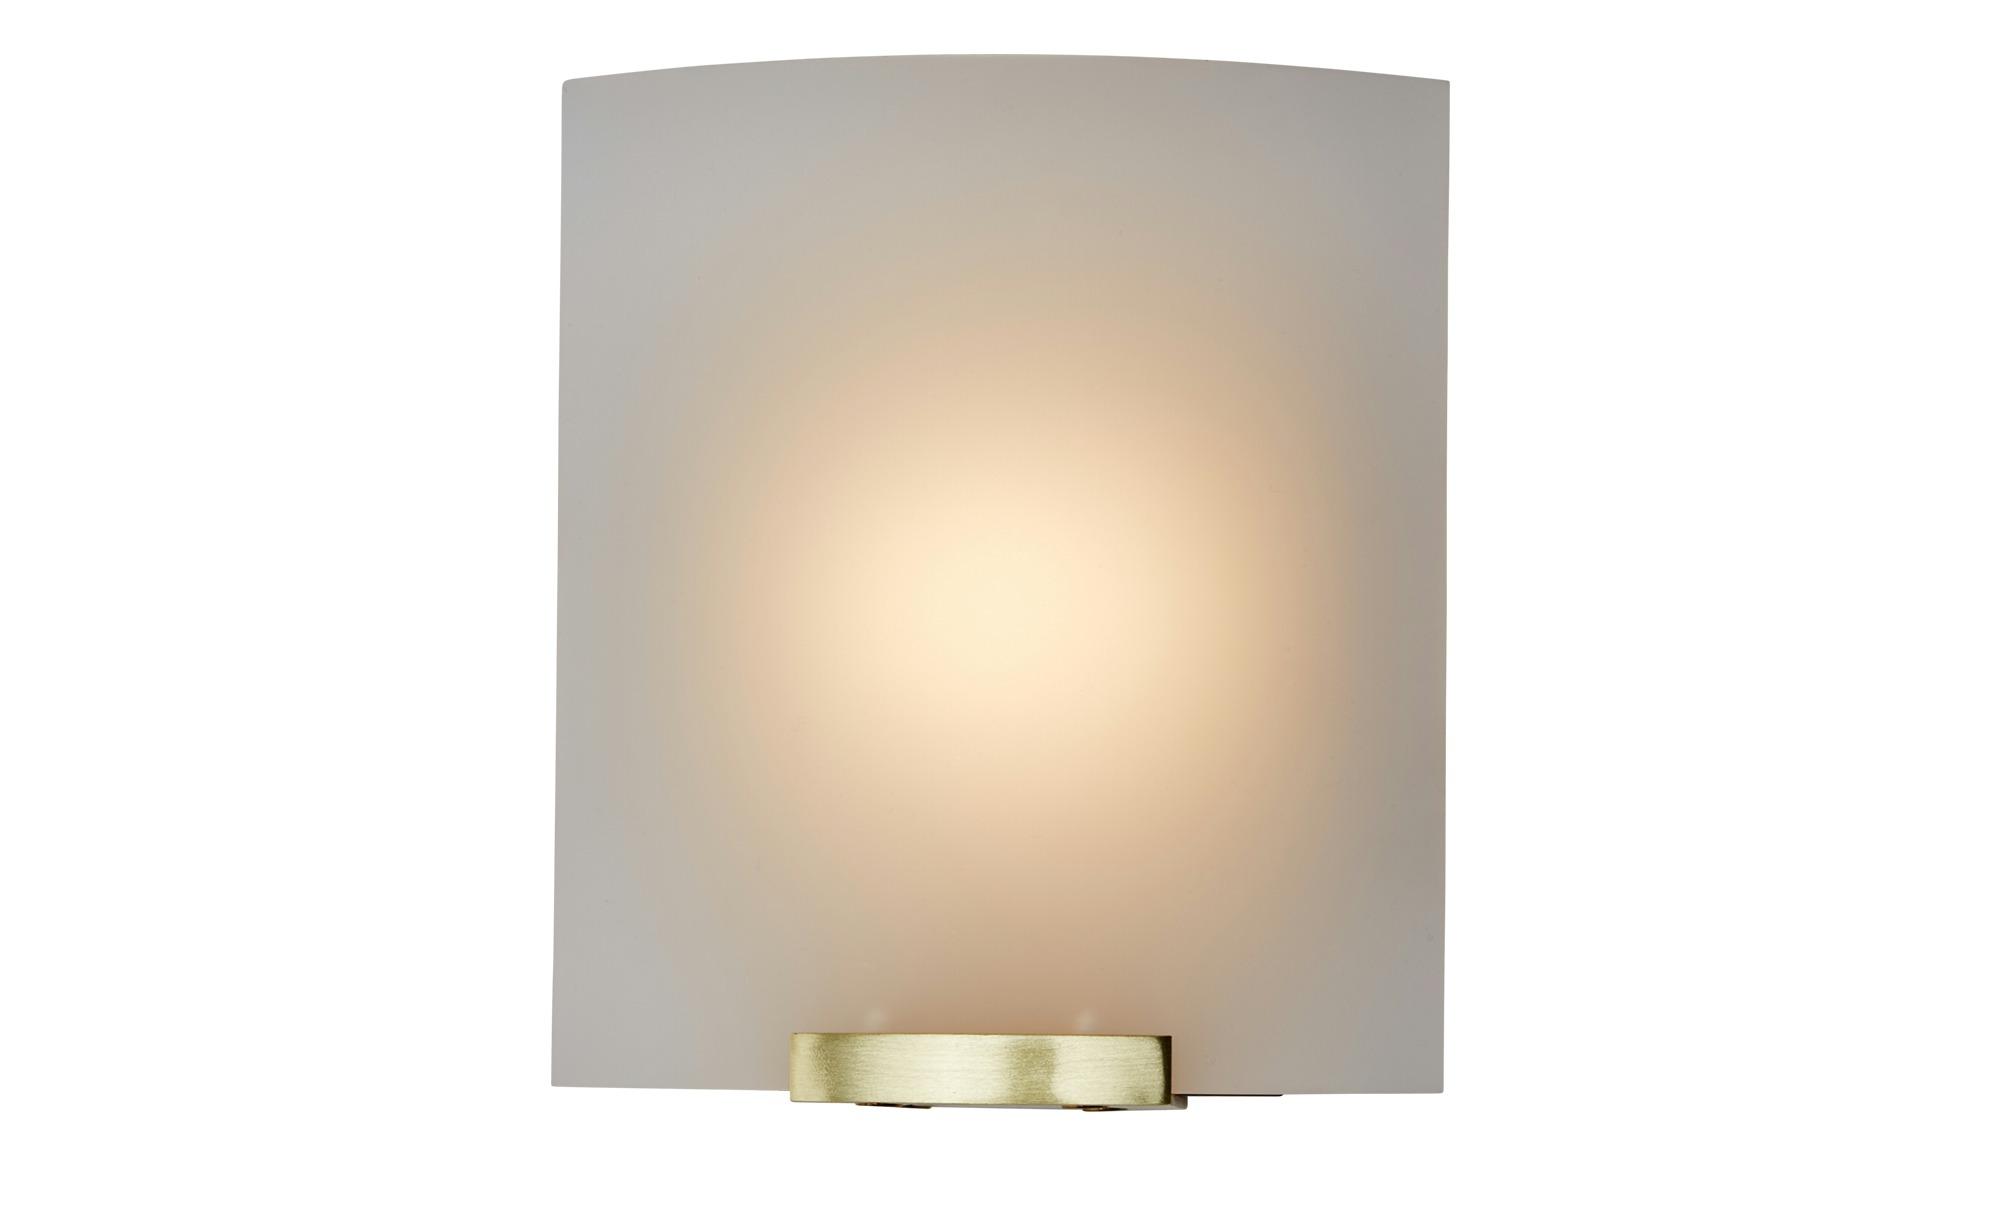 LED- Wandleuchte, 1-flammig, messing matt ¦ gold ¦ Maße (cm): B: 13 H: 15 Lampen & Leuchten > Innenleuchten > Wandleuchten - Höffner